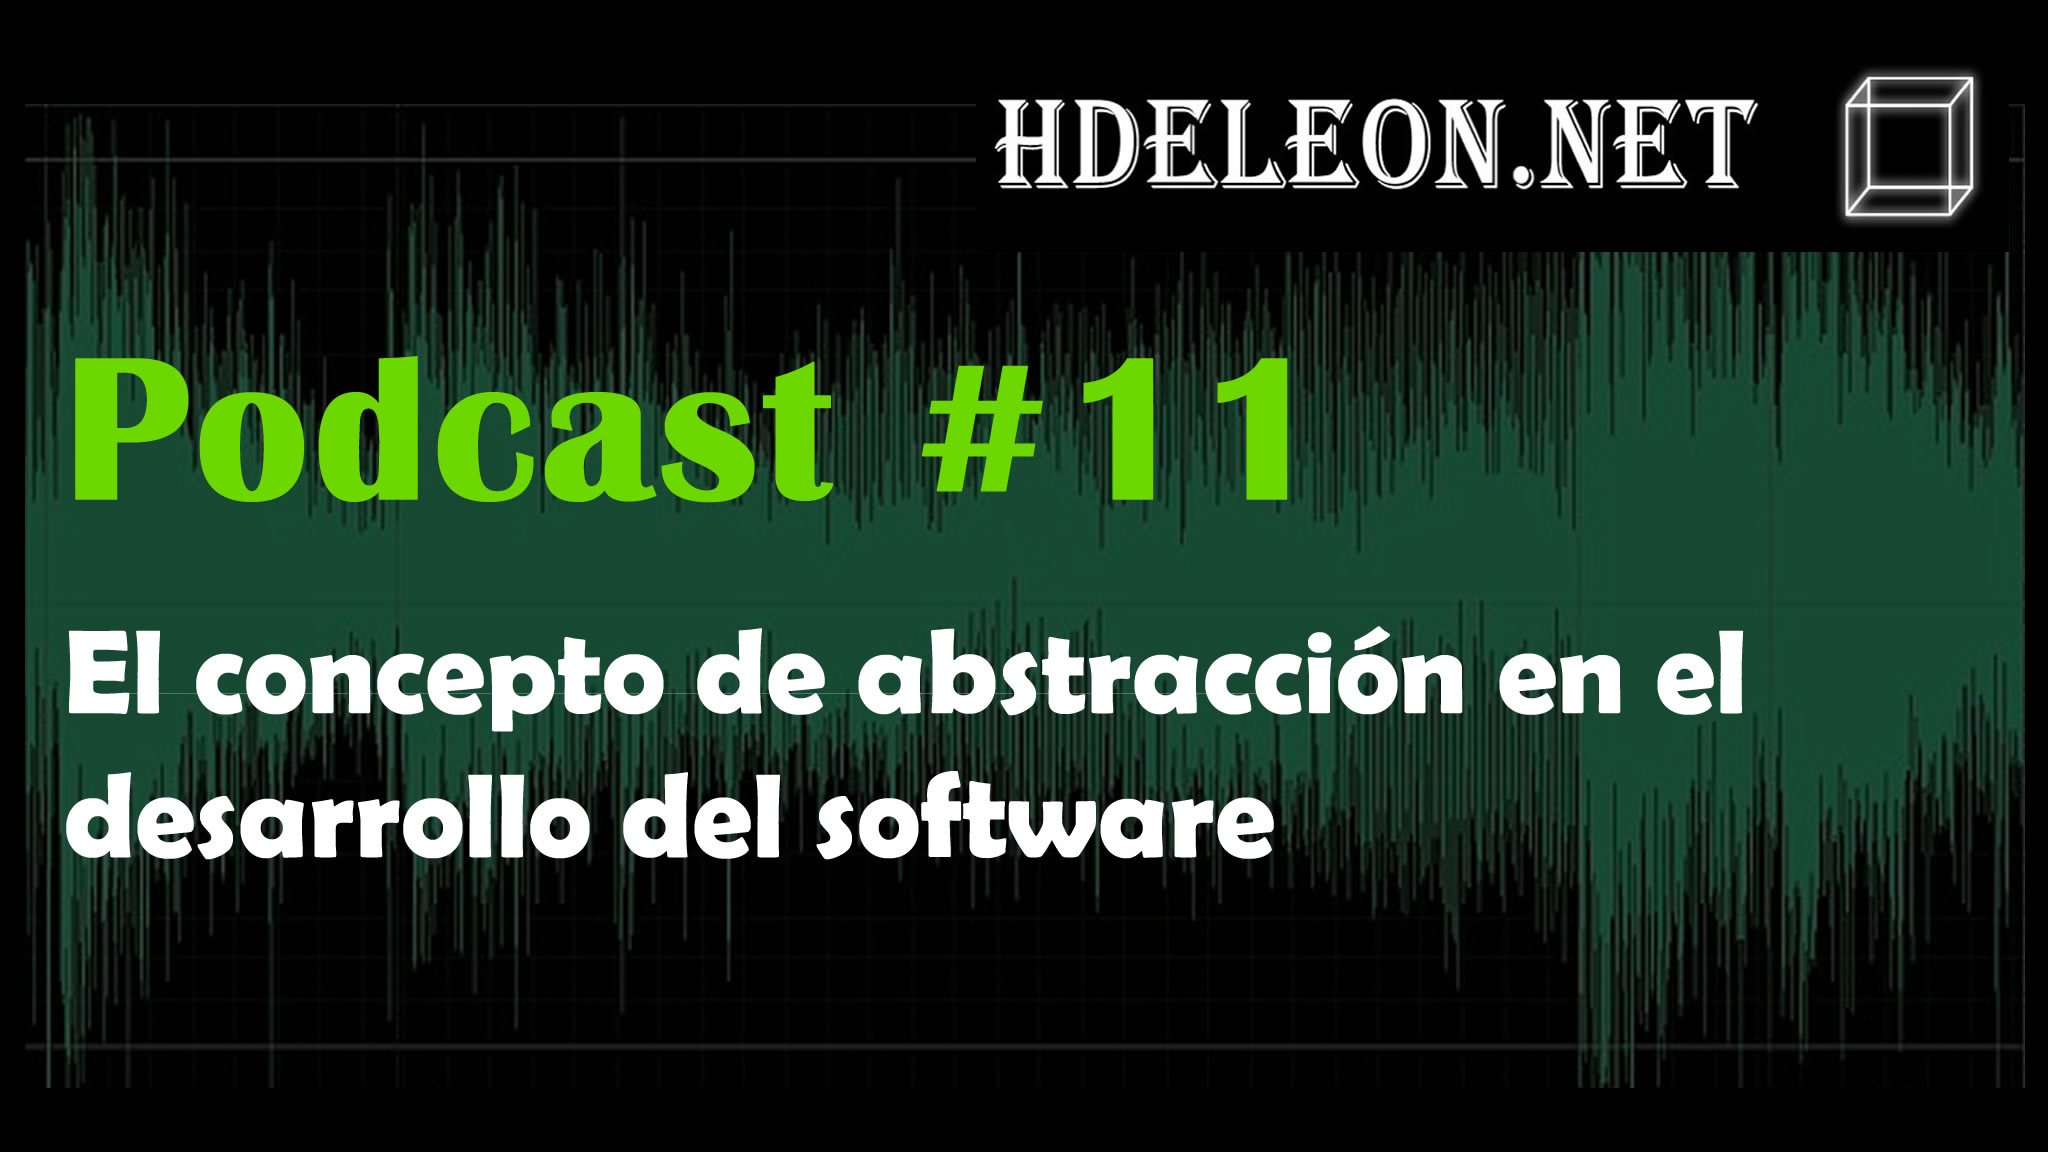 Podcast #11 – El concepto de abstracción en el desarrollo de software